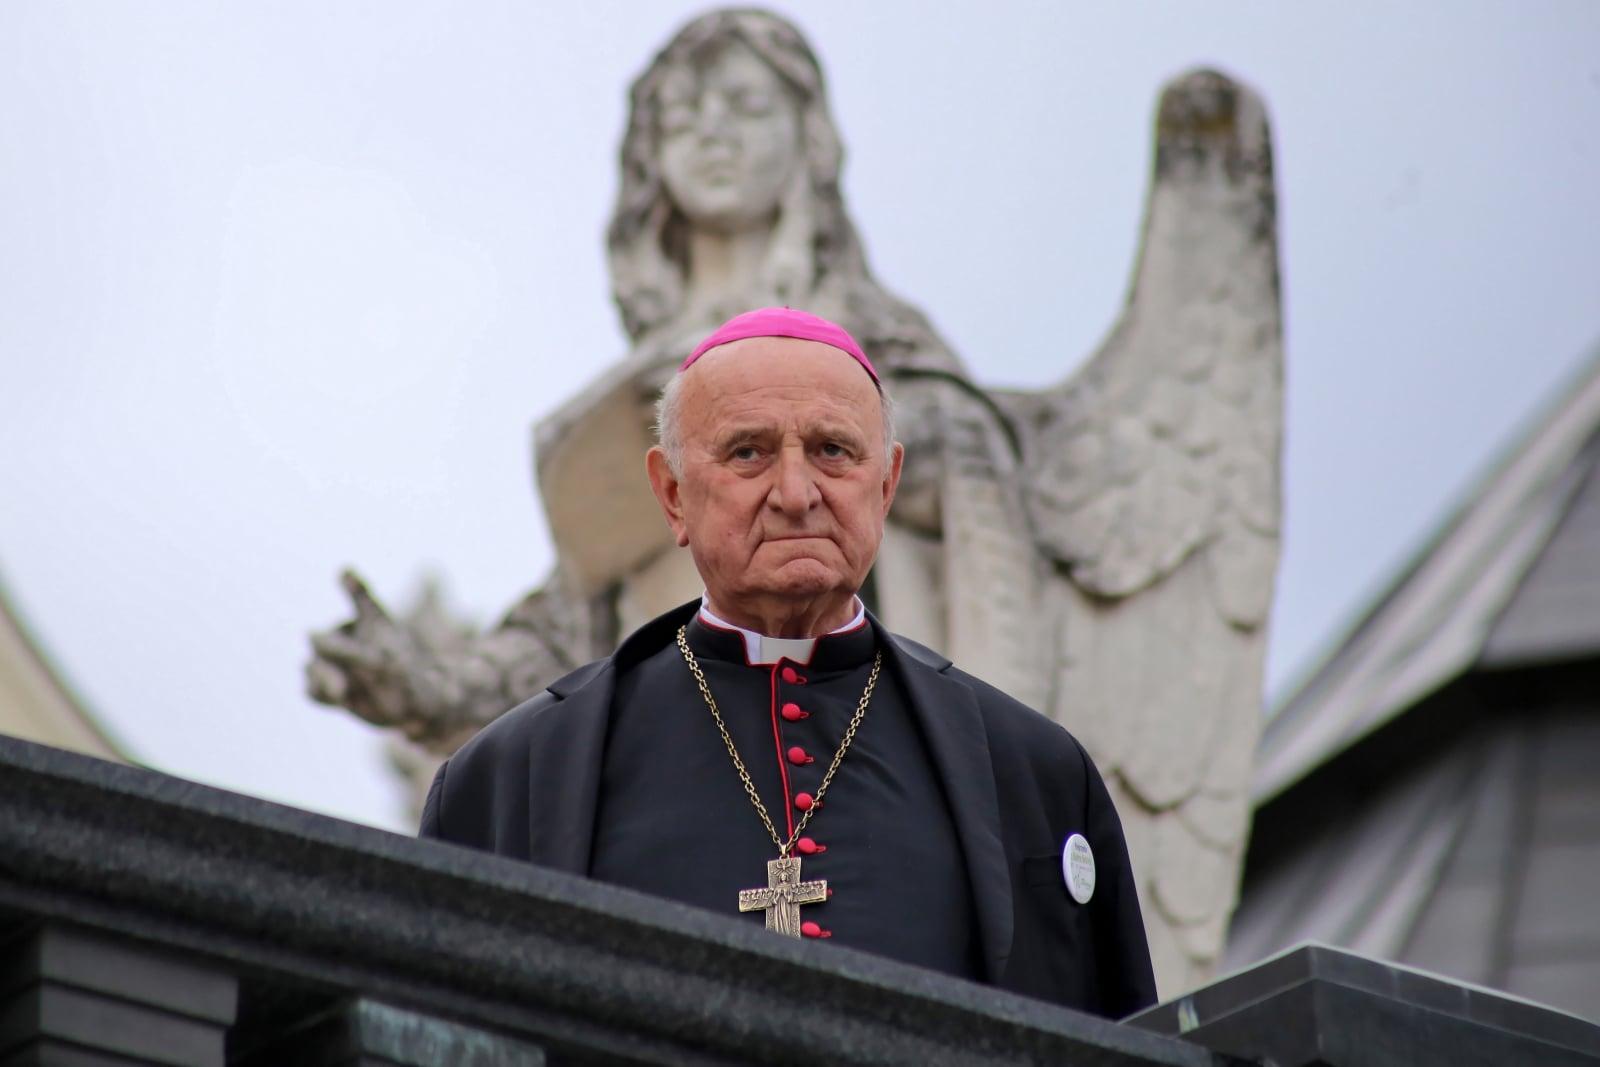 Ogólnopolska Pielgrzymka Mężczyzn na Jasną Górę fot. PAP/Waldemar Deska